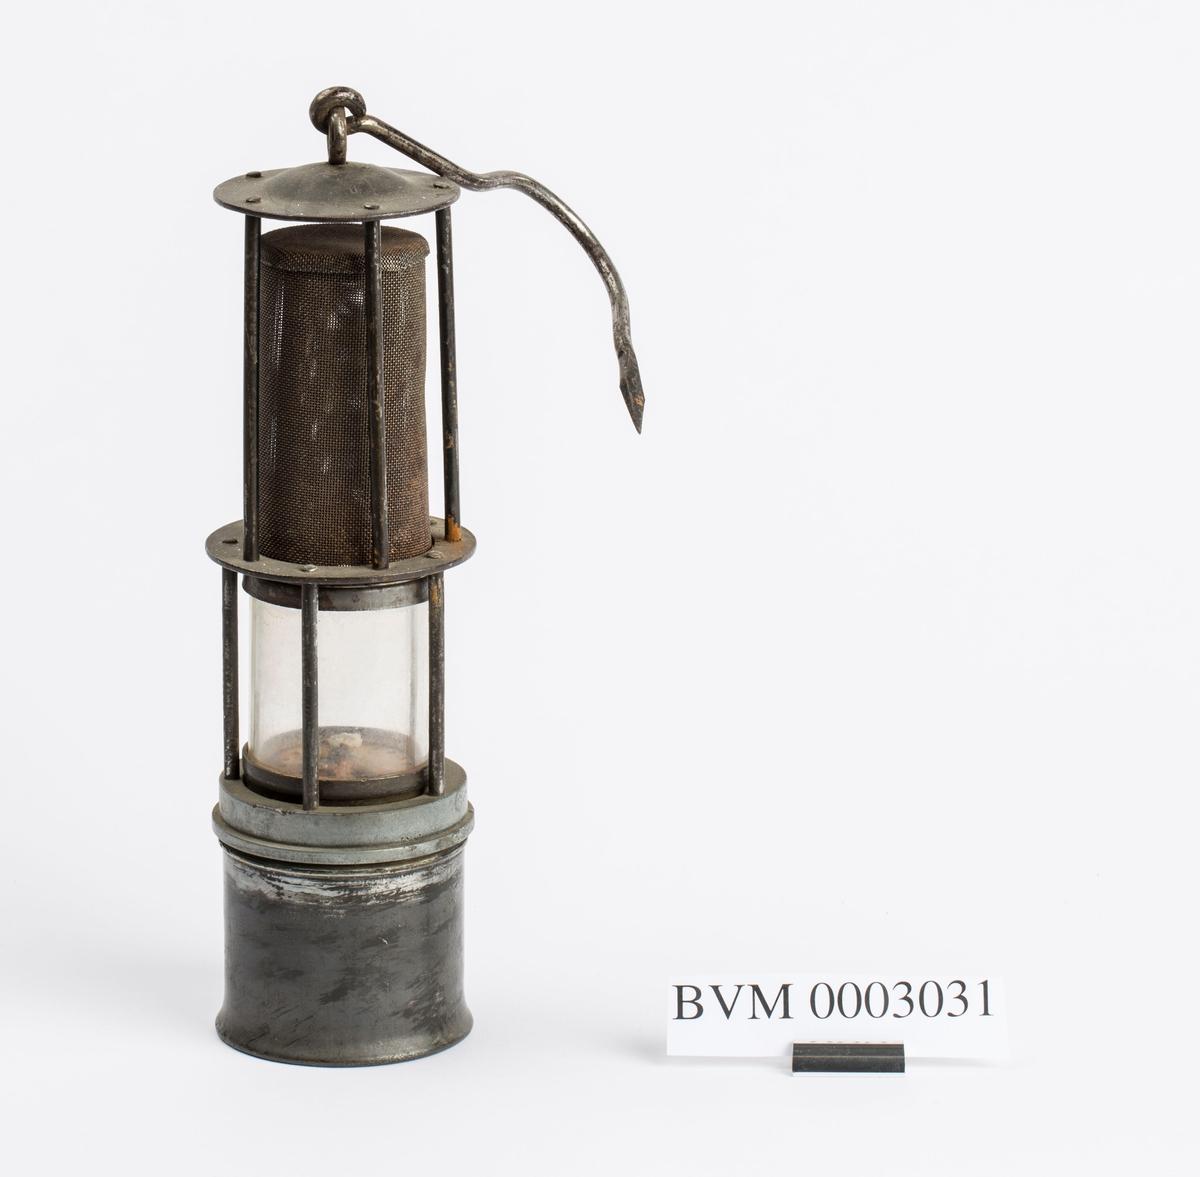 """UKJENT PROVENIENS. MED LAPP """"SVEN GUNNERUD 20.5.85 EIER DENNE LAMPE"""". SAMME TYPE LAMPE SOM BVM 1109."""